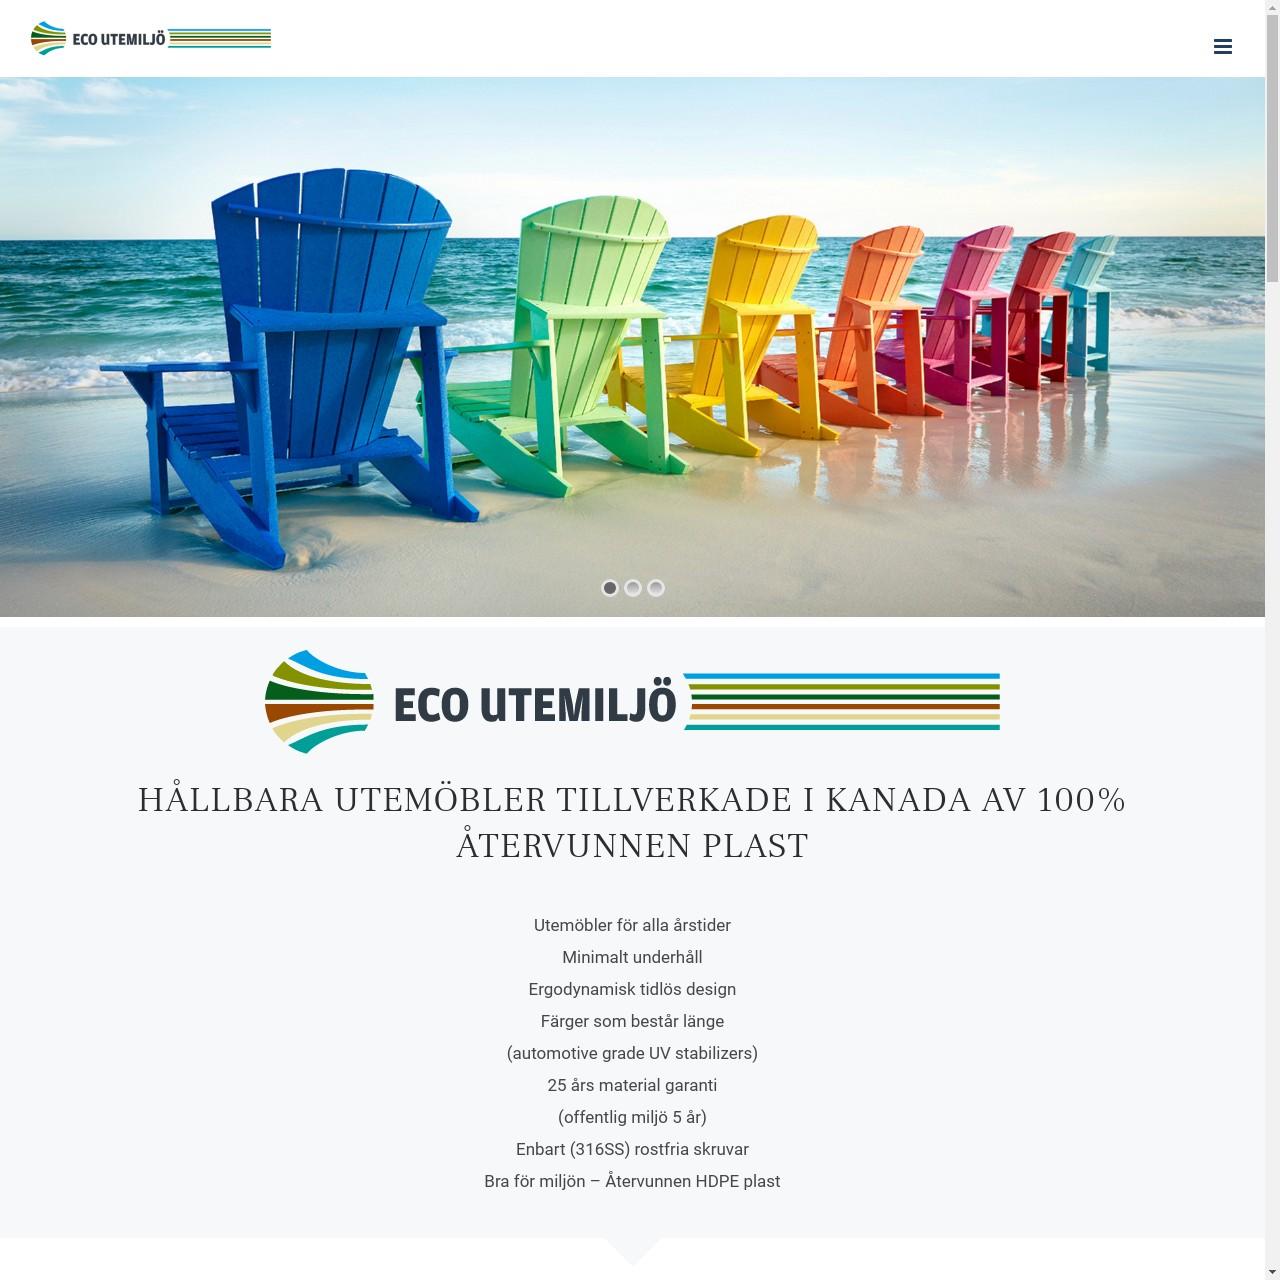 Eco Utemiljö 1